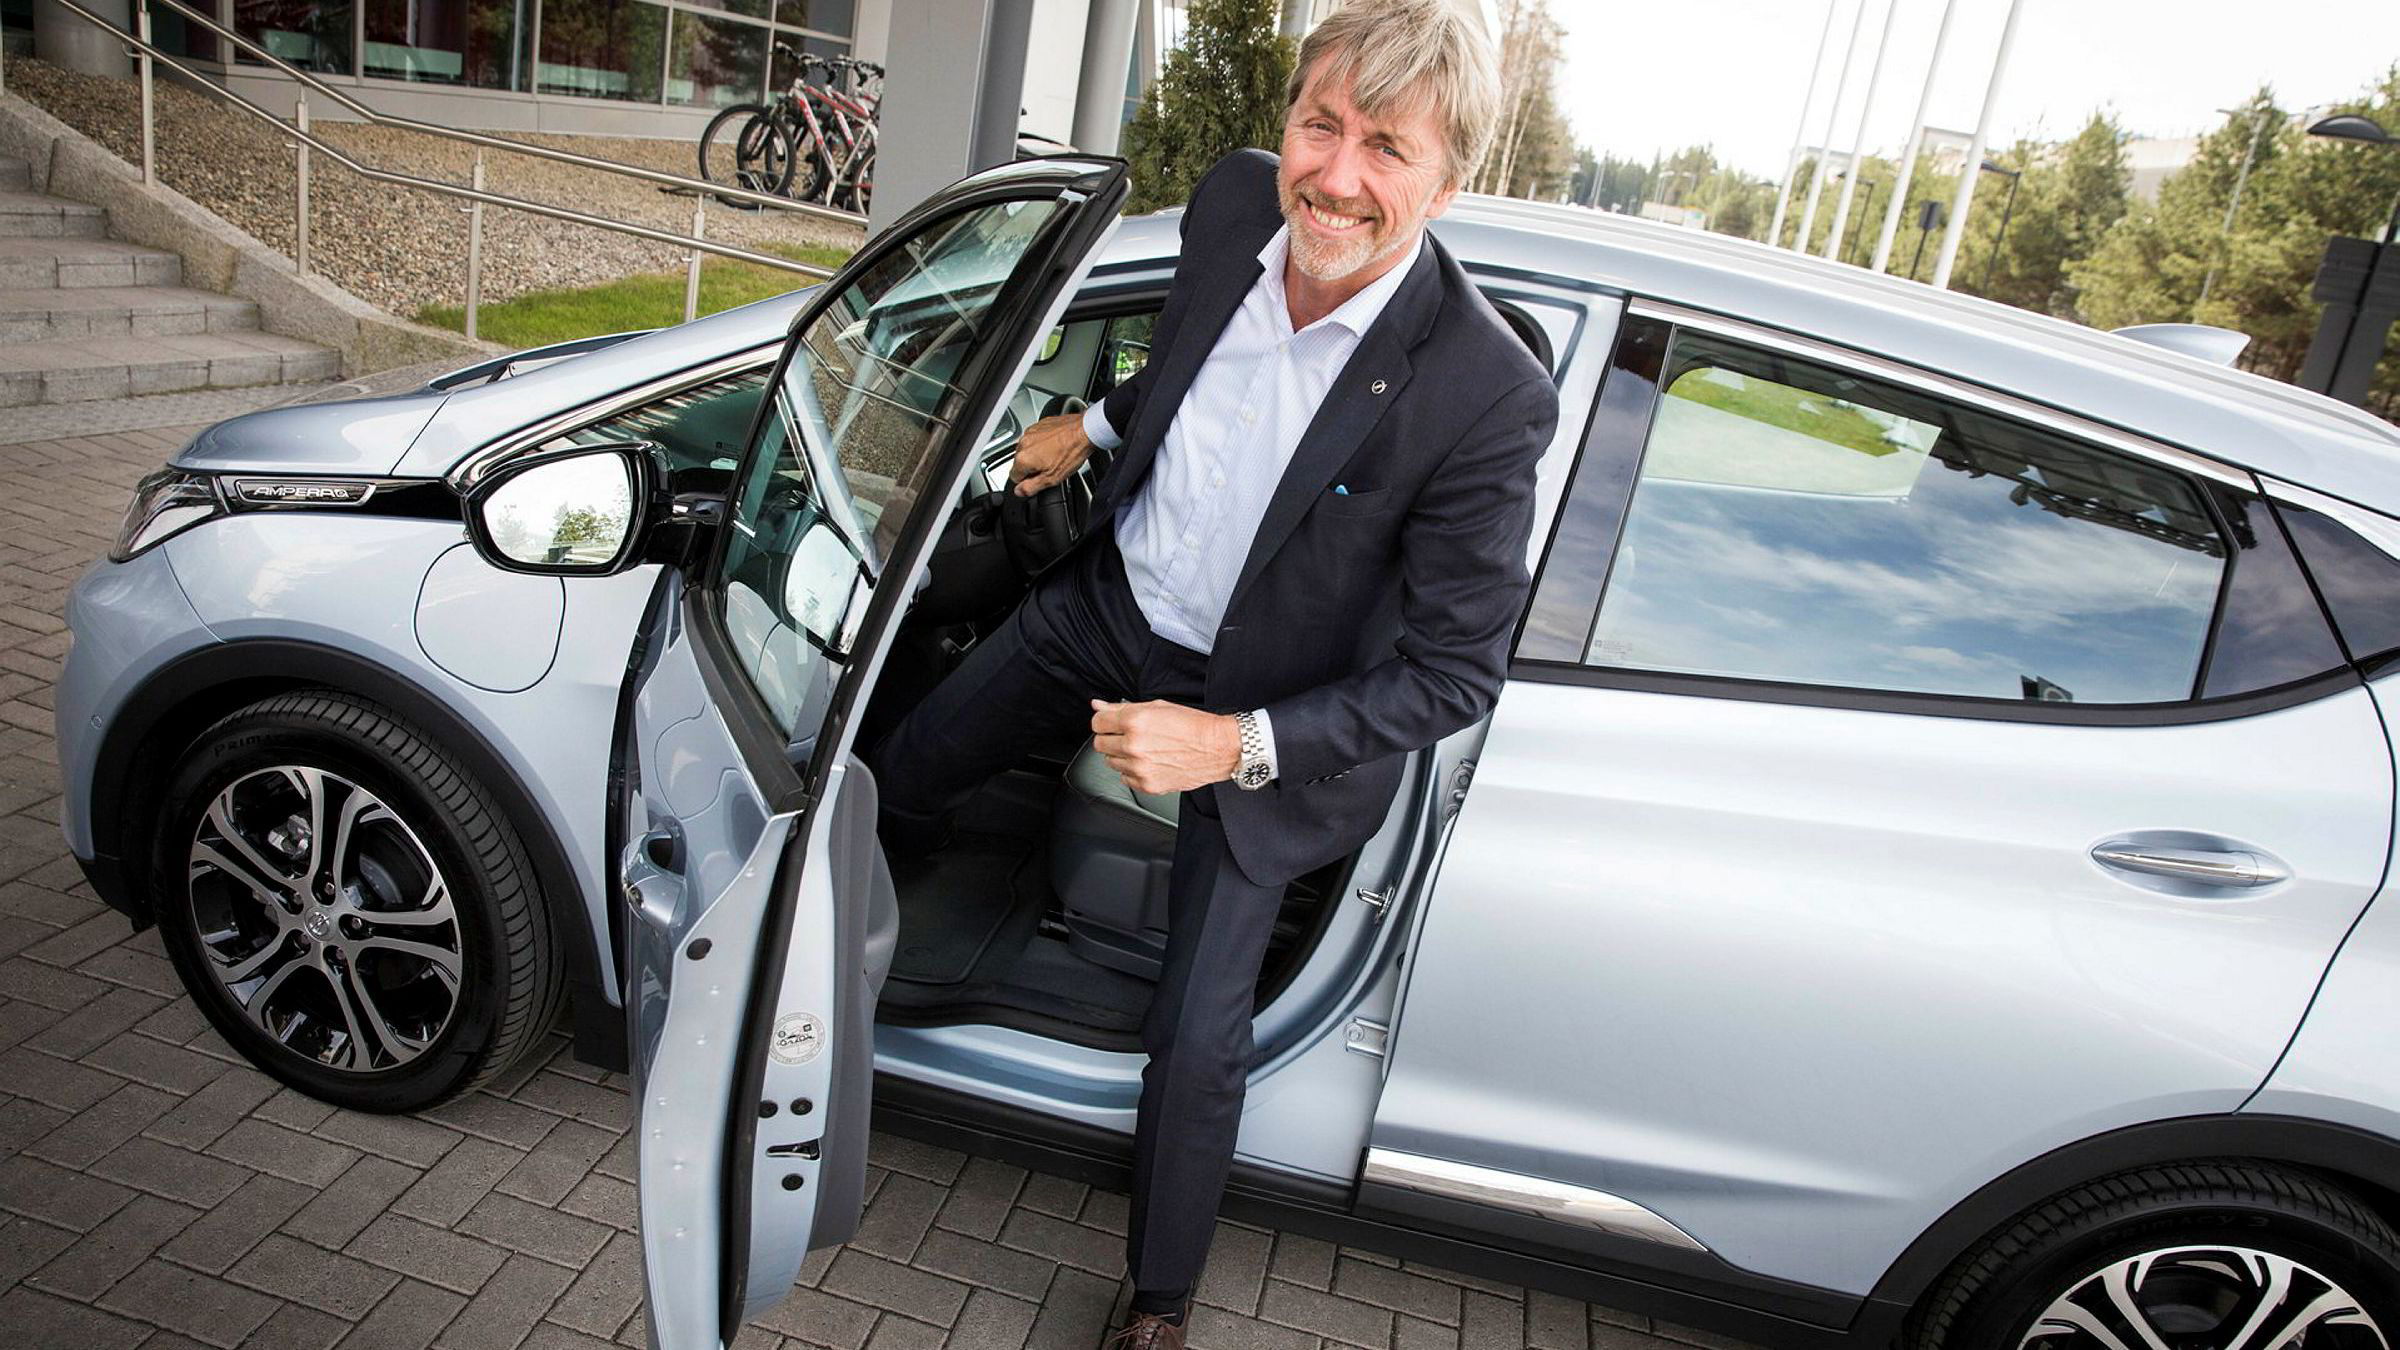 Adminstrerende direktør Bernt G. Jessen i Opel Norge ved deres elektriske bil Ampera-e.